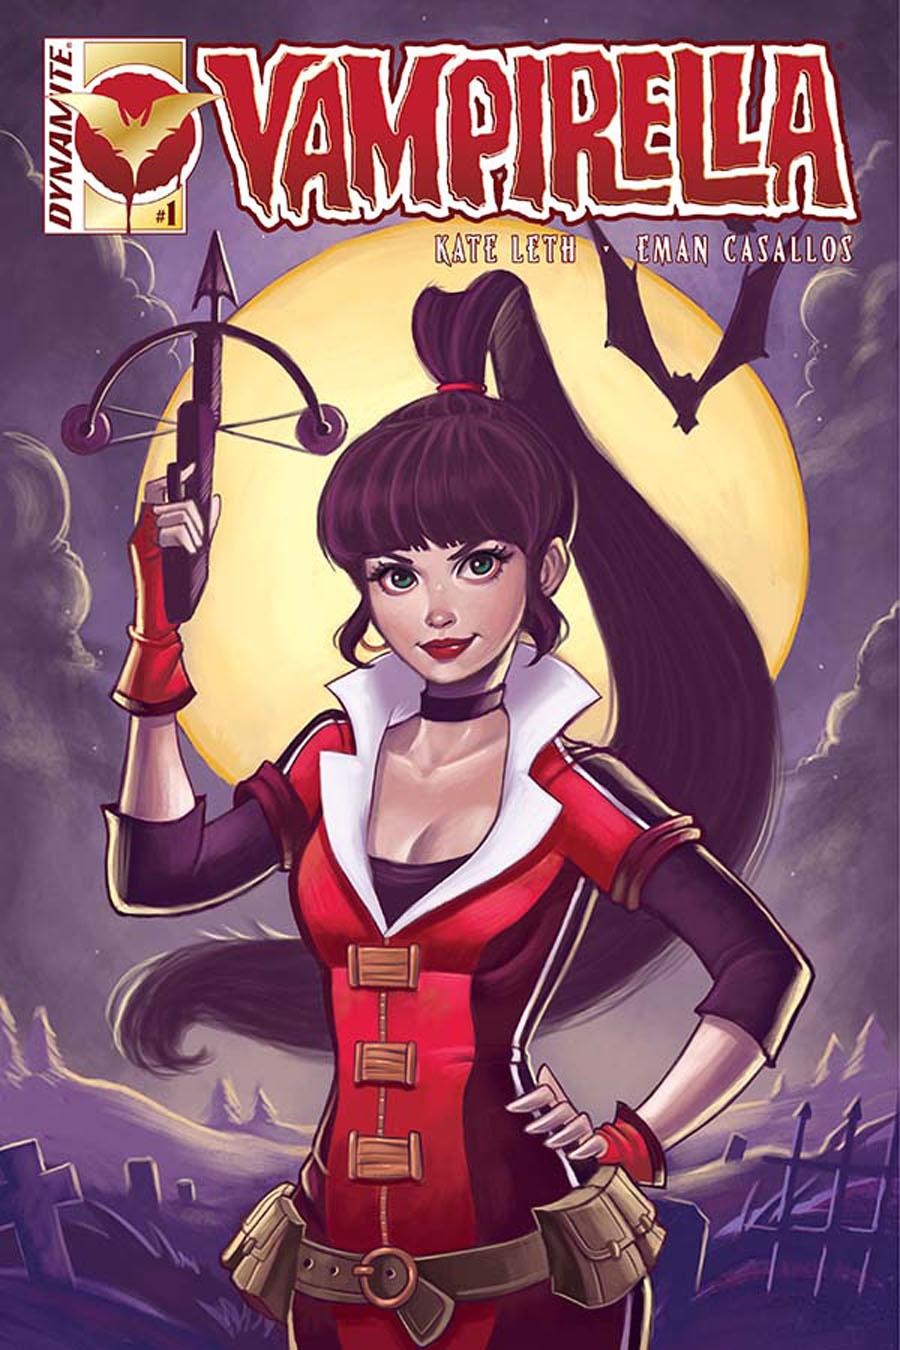 Vampirella Vol 6 #1 Cover A Regular Chrissie Zullo Cover